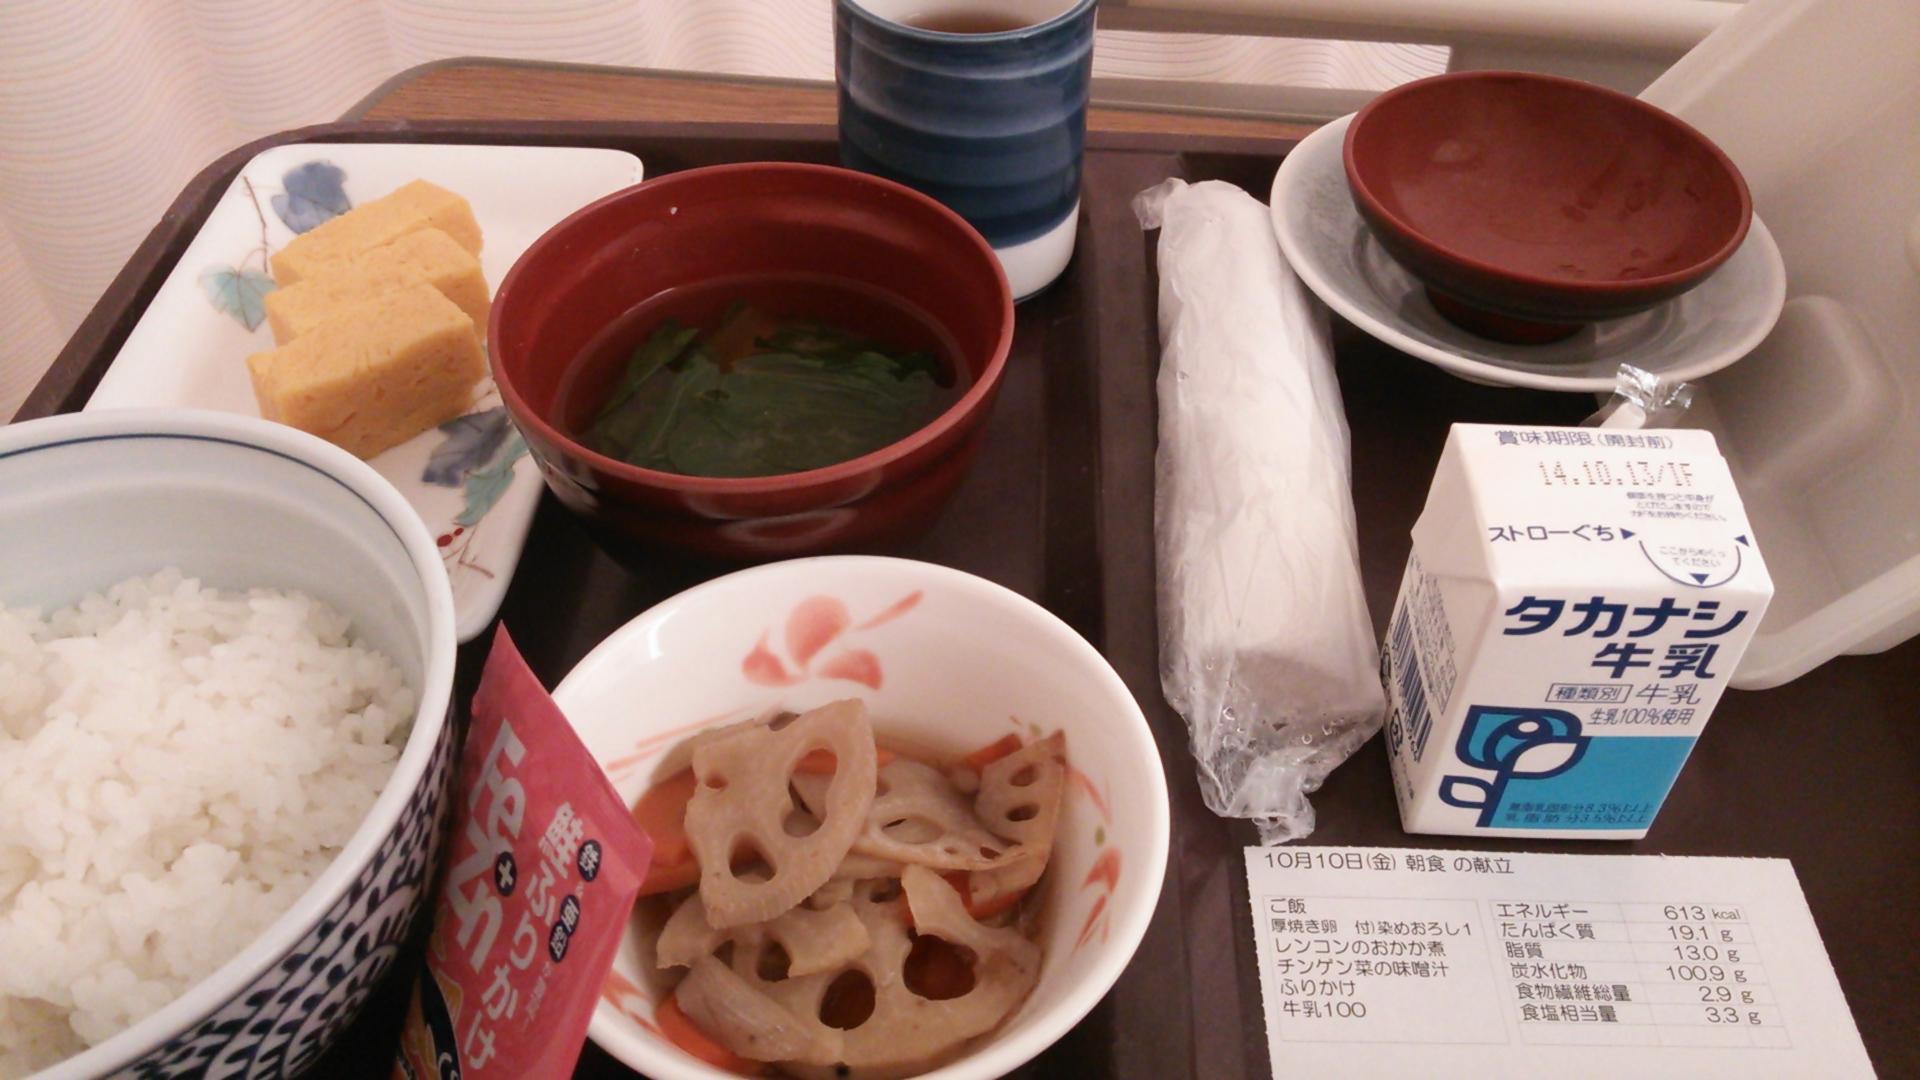 10月10日(金)朝食